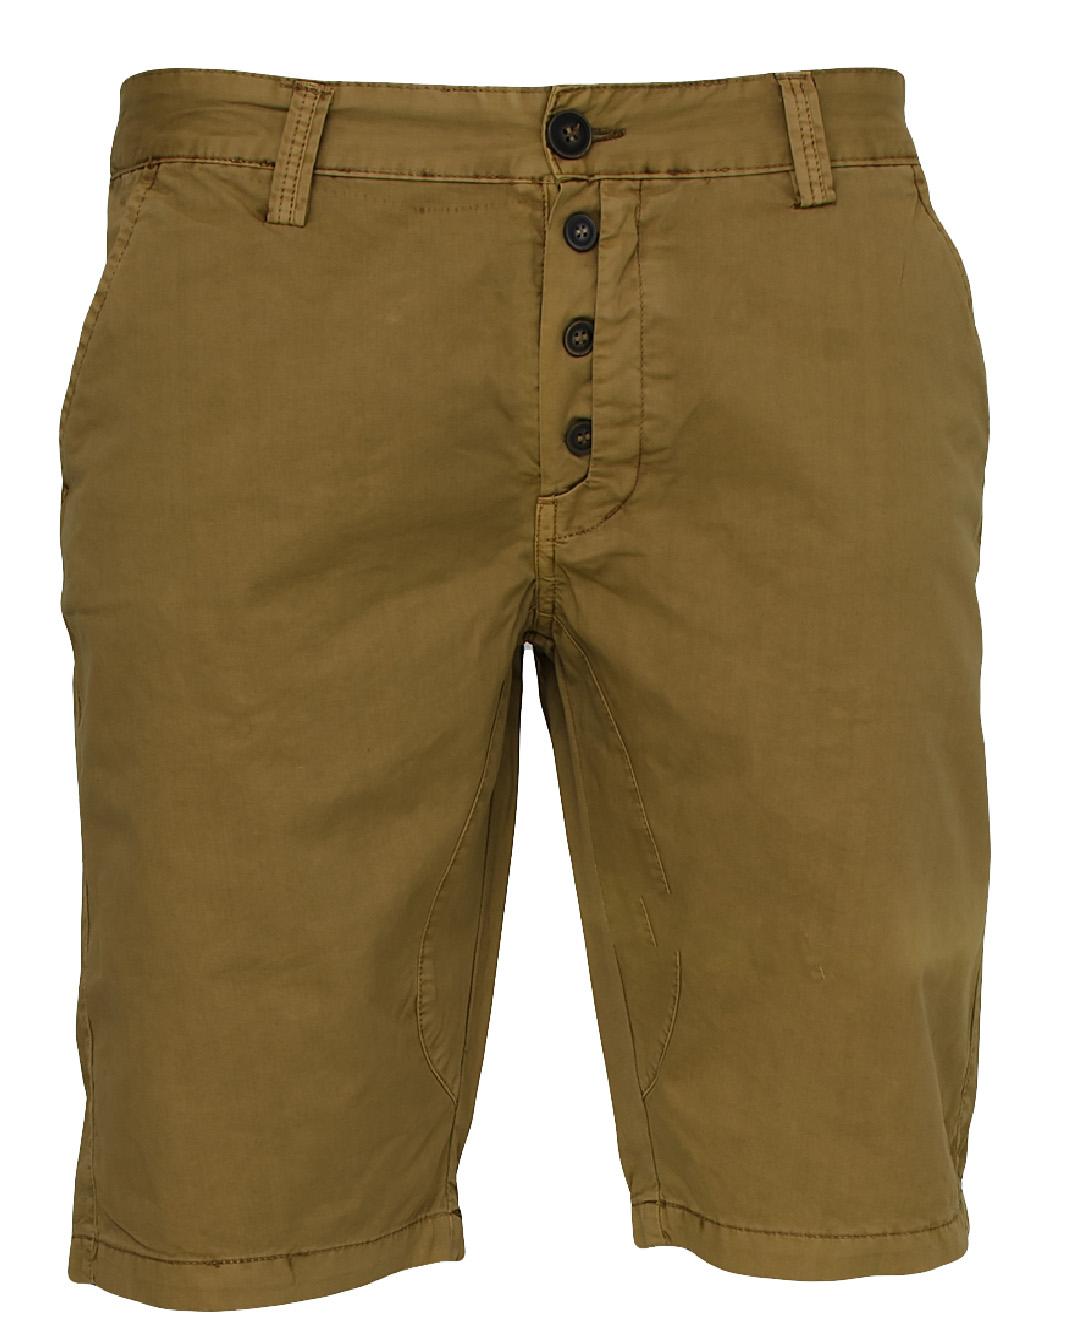 Ανδρική Βερμούδα Buttons Beige αρχική ανδρικά ρούχα βερμούδες